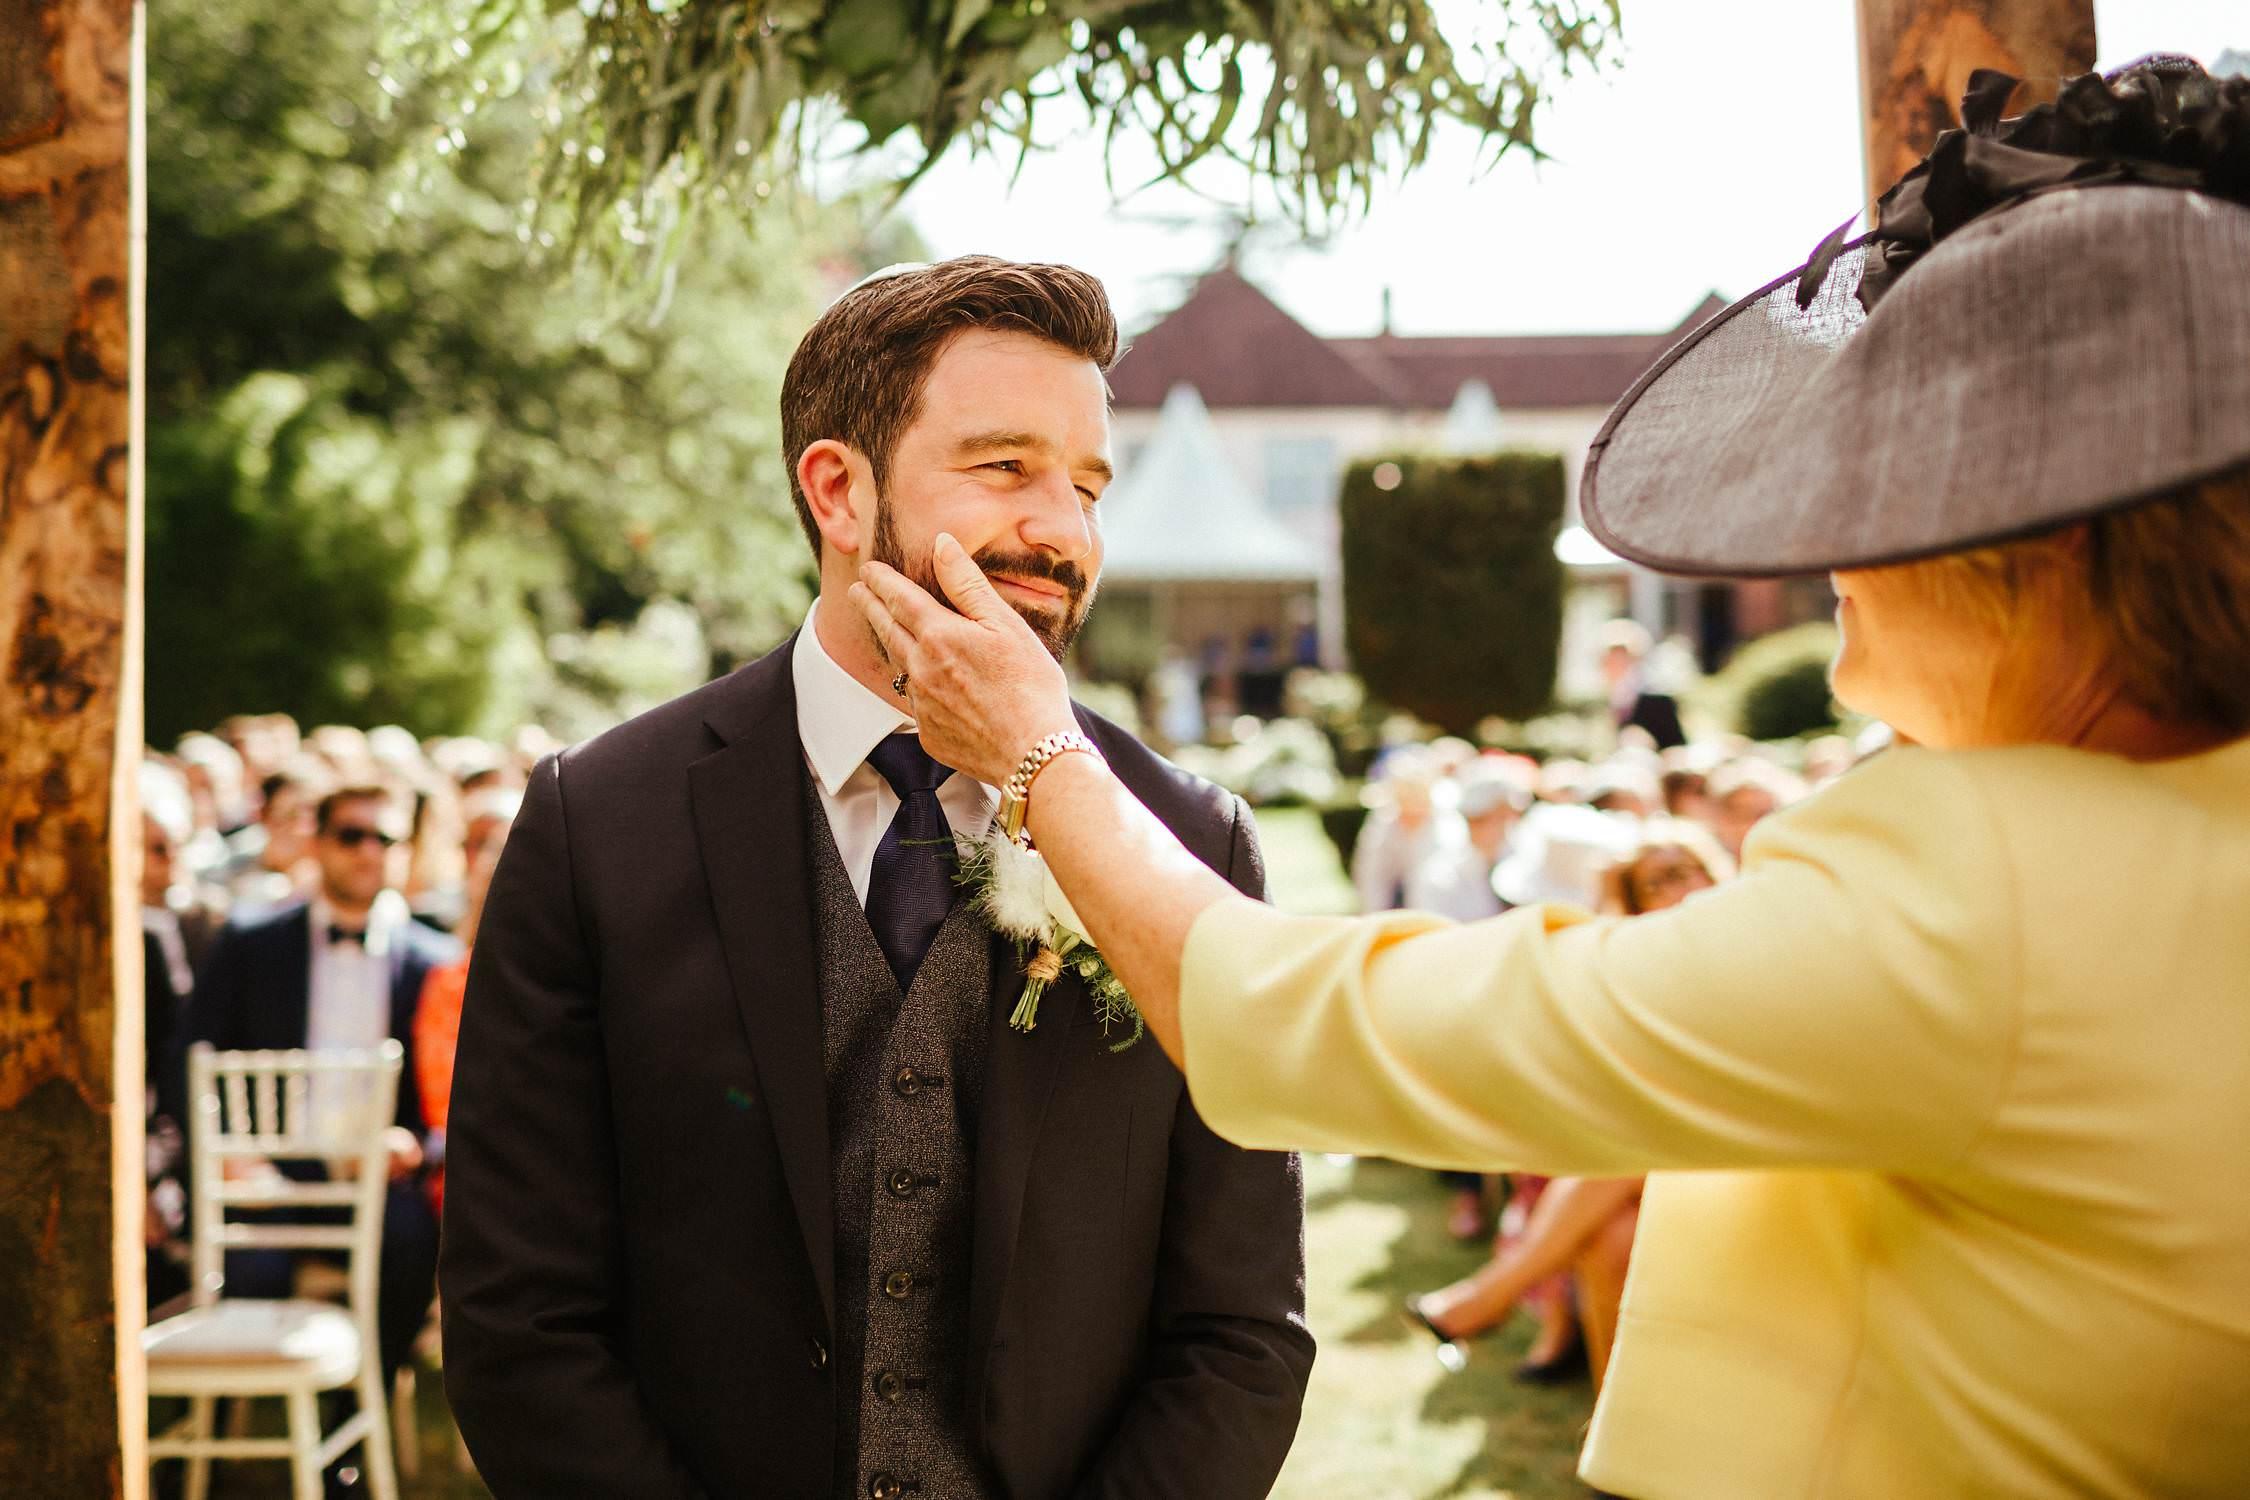 Buckinghamshire-Wedding-Photography-32